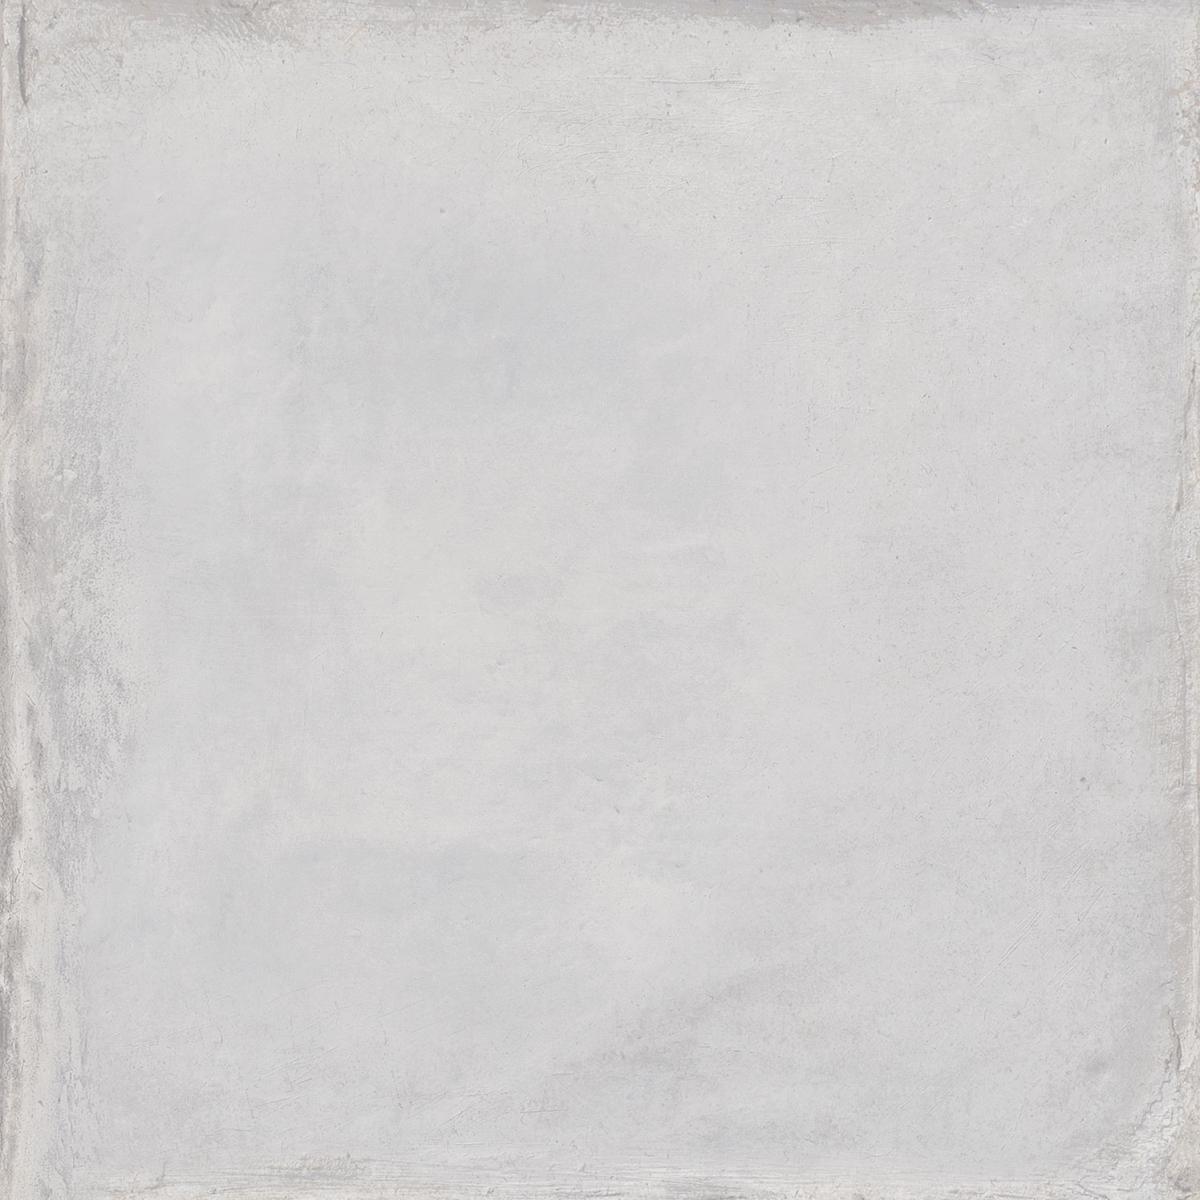 Triana Gris 25x25 (m2) - Serie Triana - Marca Keros Cerámica